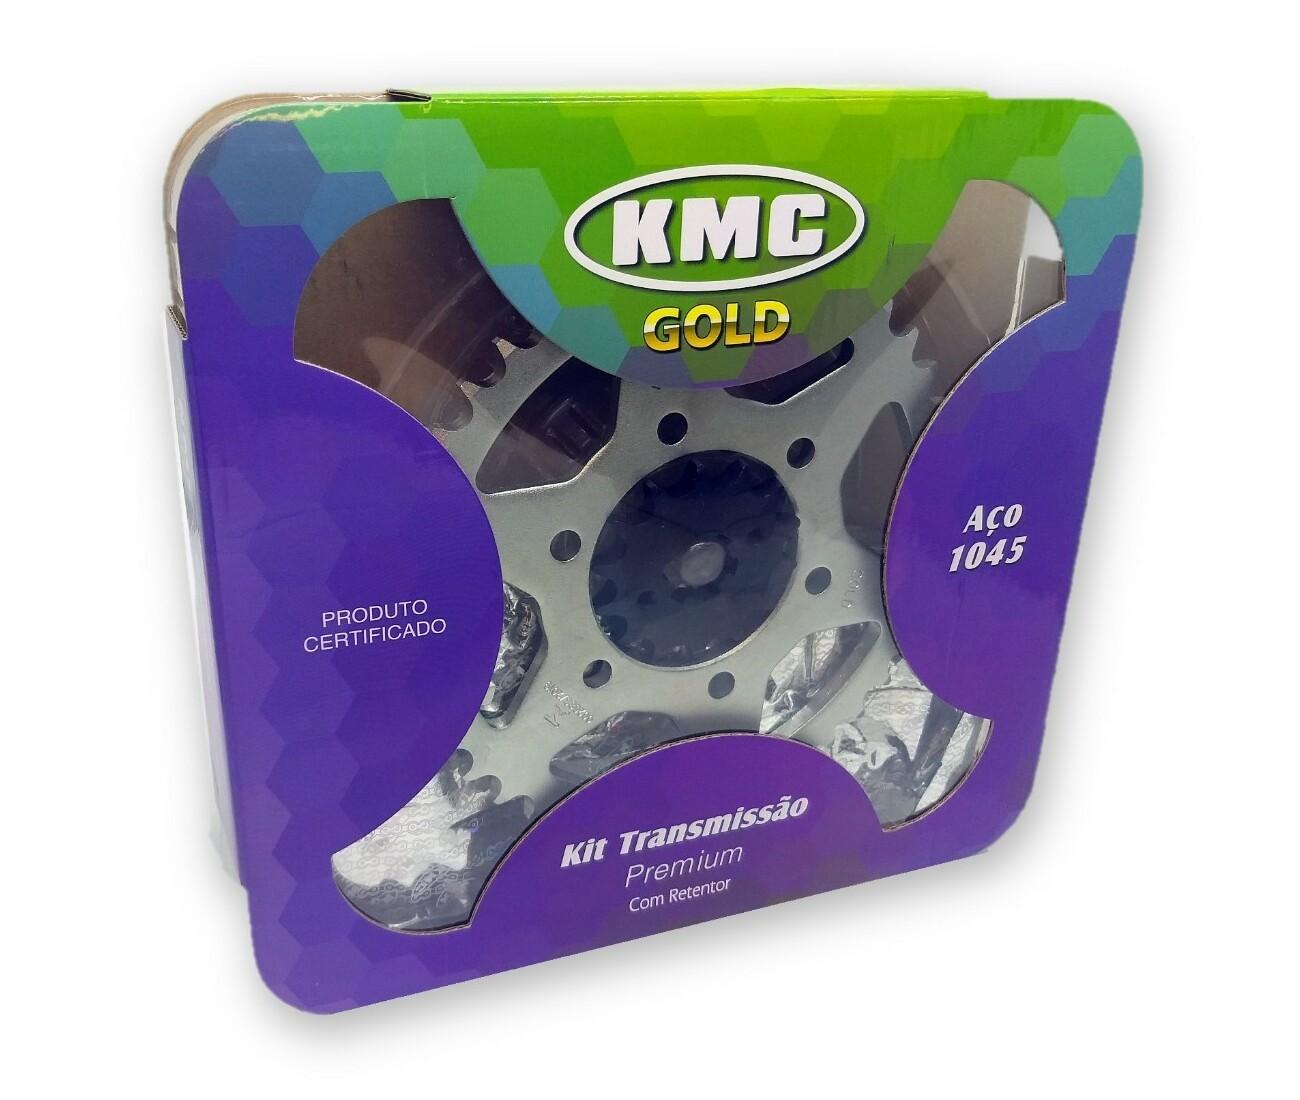 Kit Relação Crosser 150 Com Retentor Aço 1045 KMC GOLD 428x122x41x14